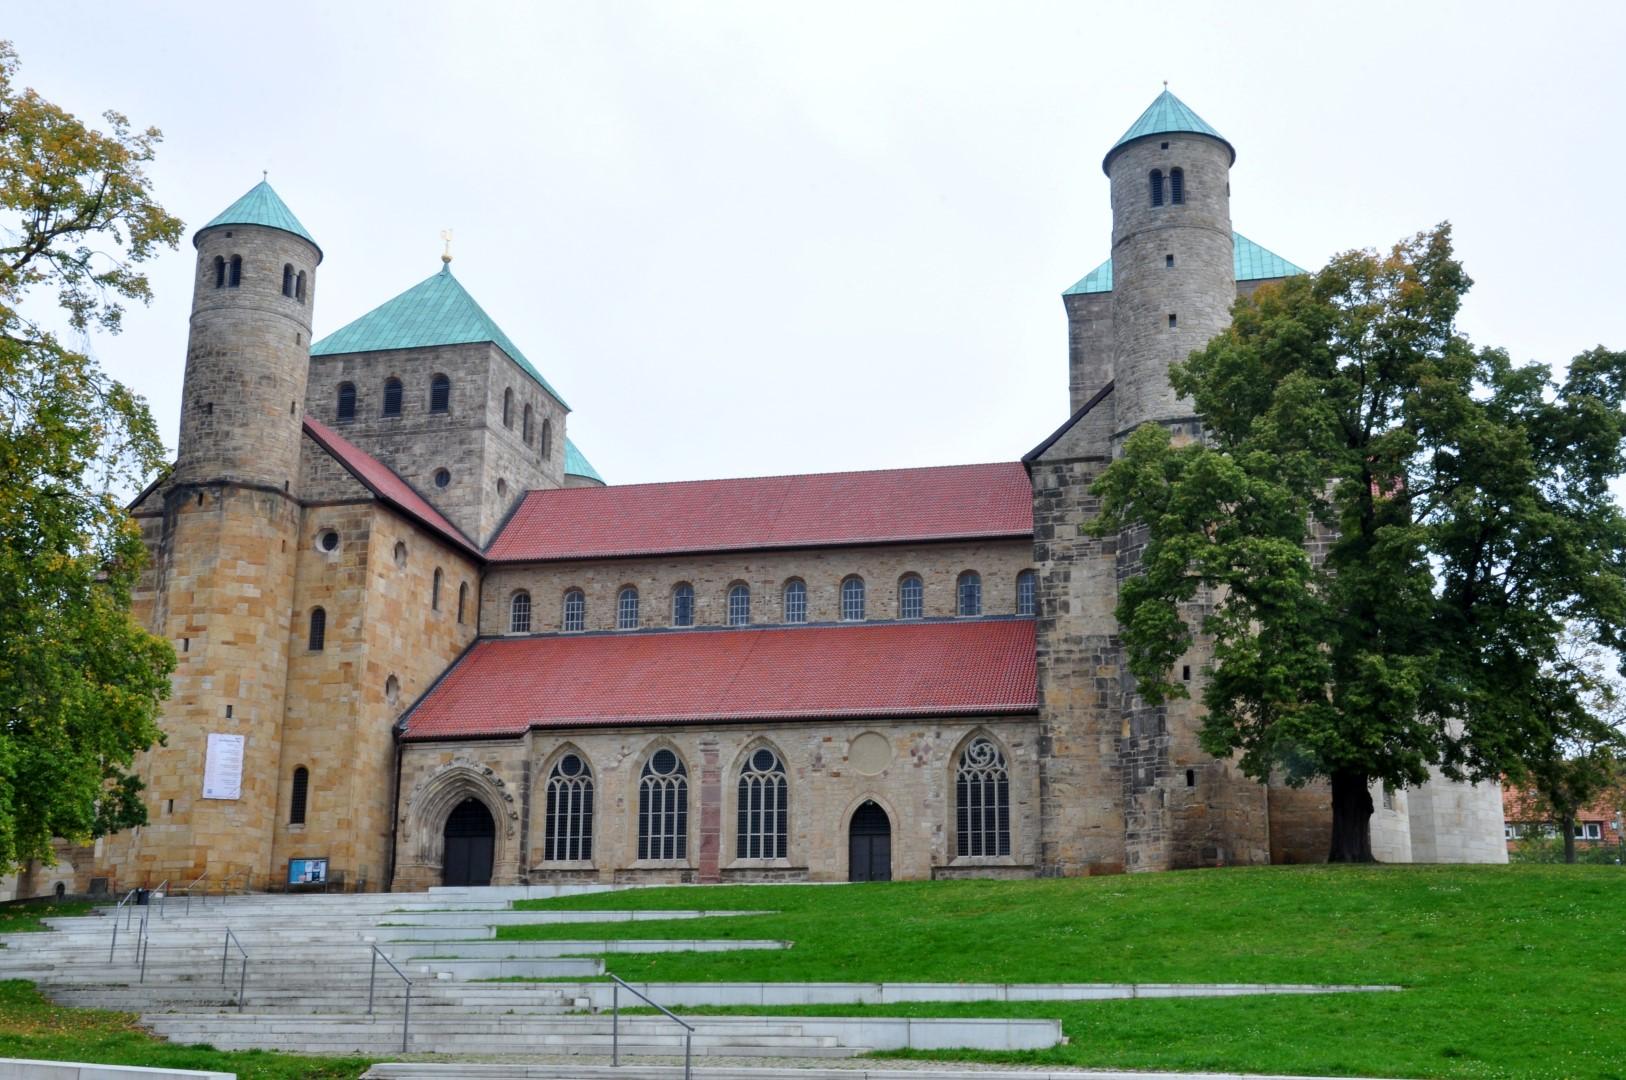 Bild 3: St. Michaelis